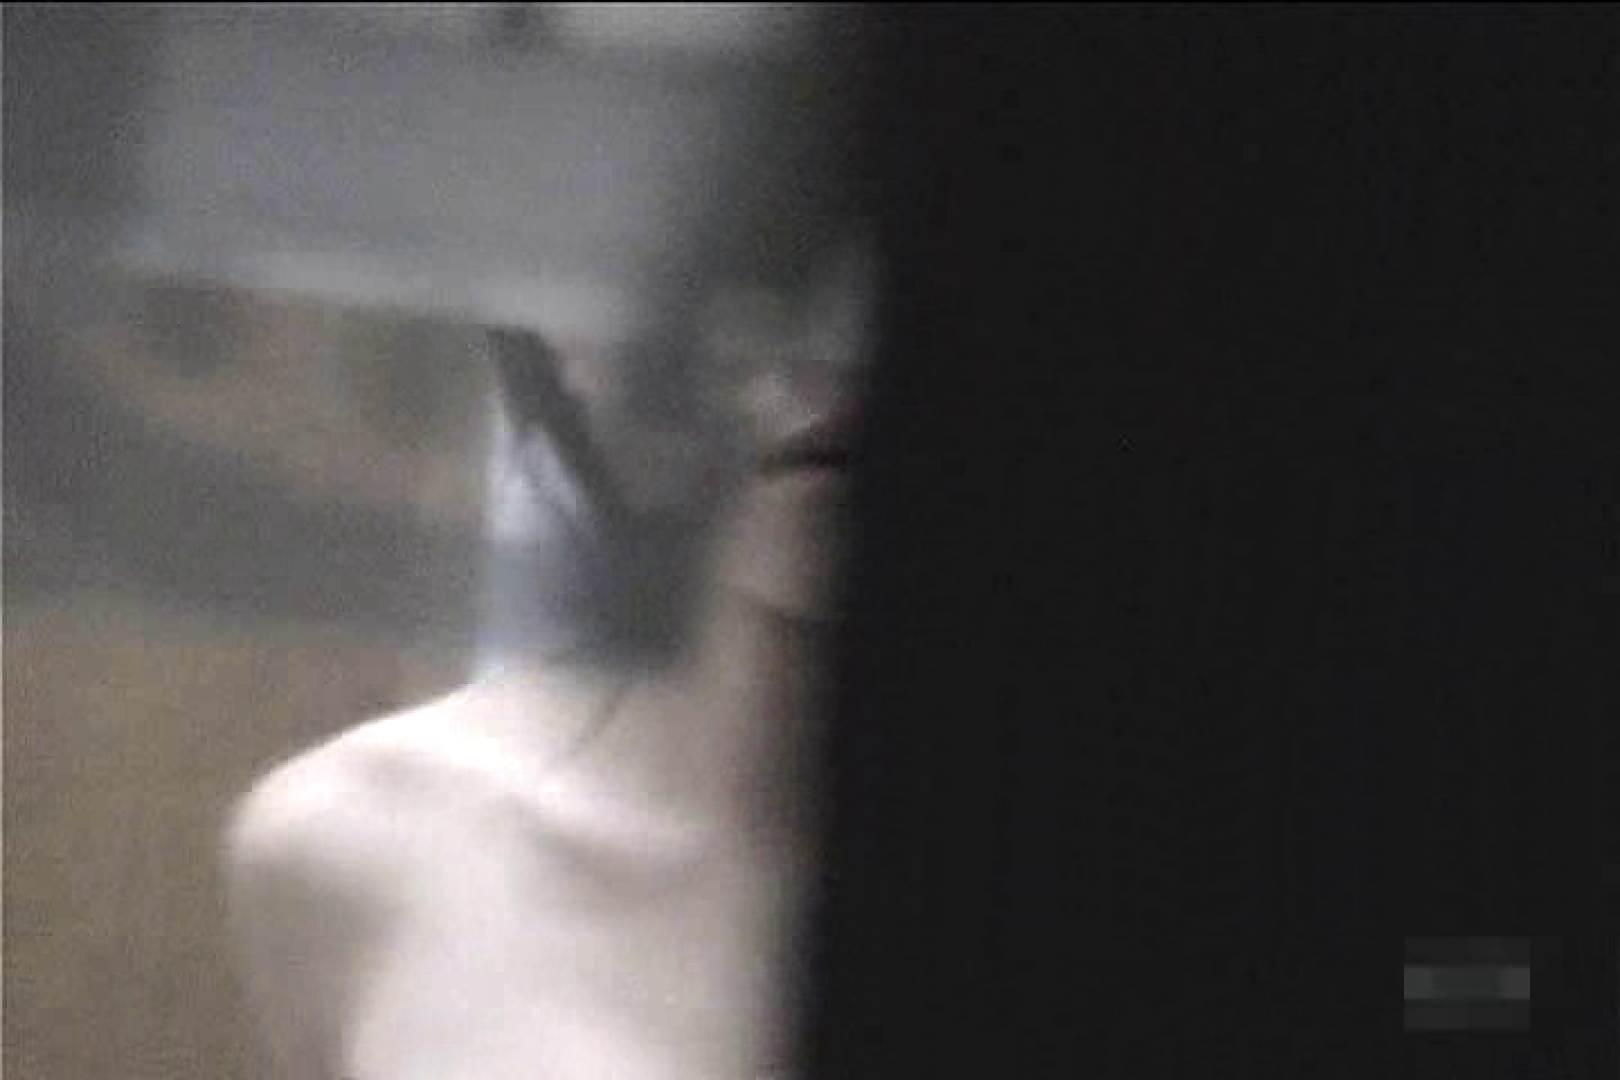 激撮ストーカー記録あなたのお宅拝見しますVol.11 OLエロ画像 覗きぱこり動画紹介 106PICs 42